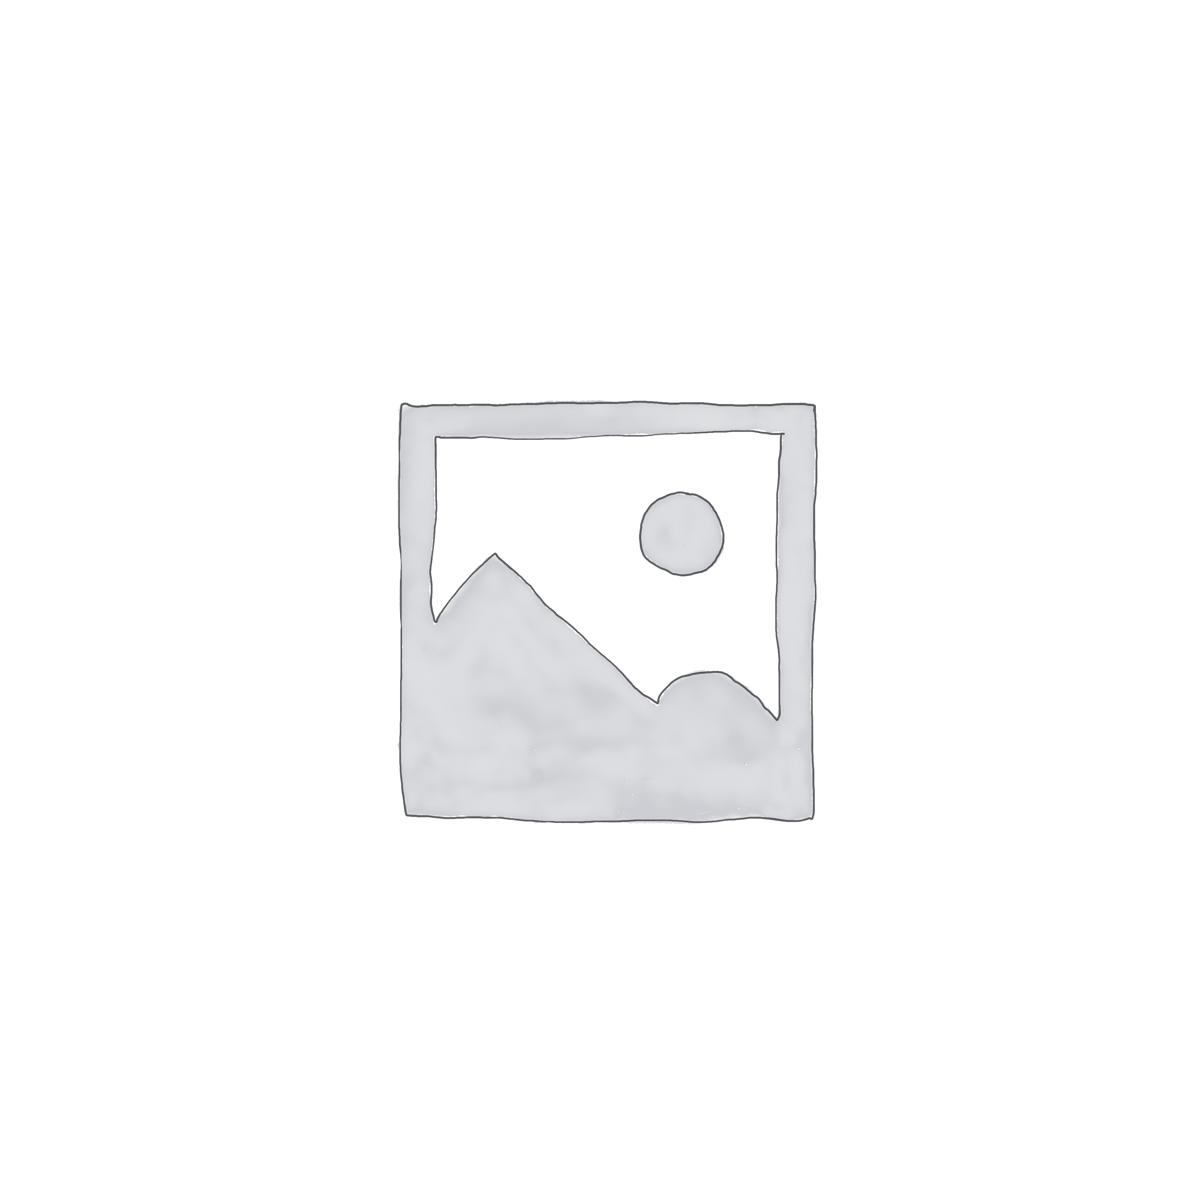 Vintage Floral Wallpaper Mural